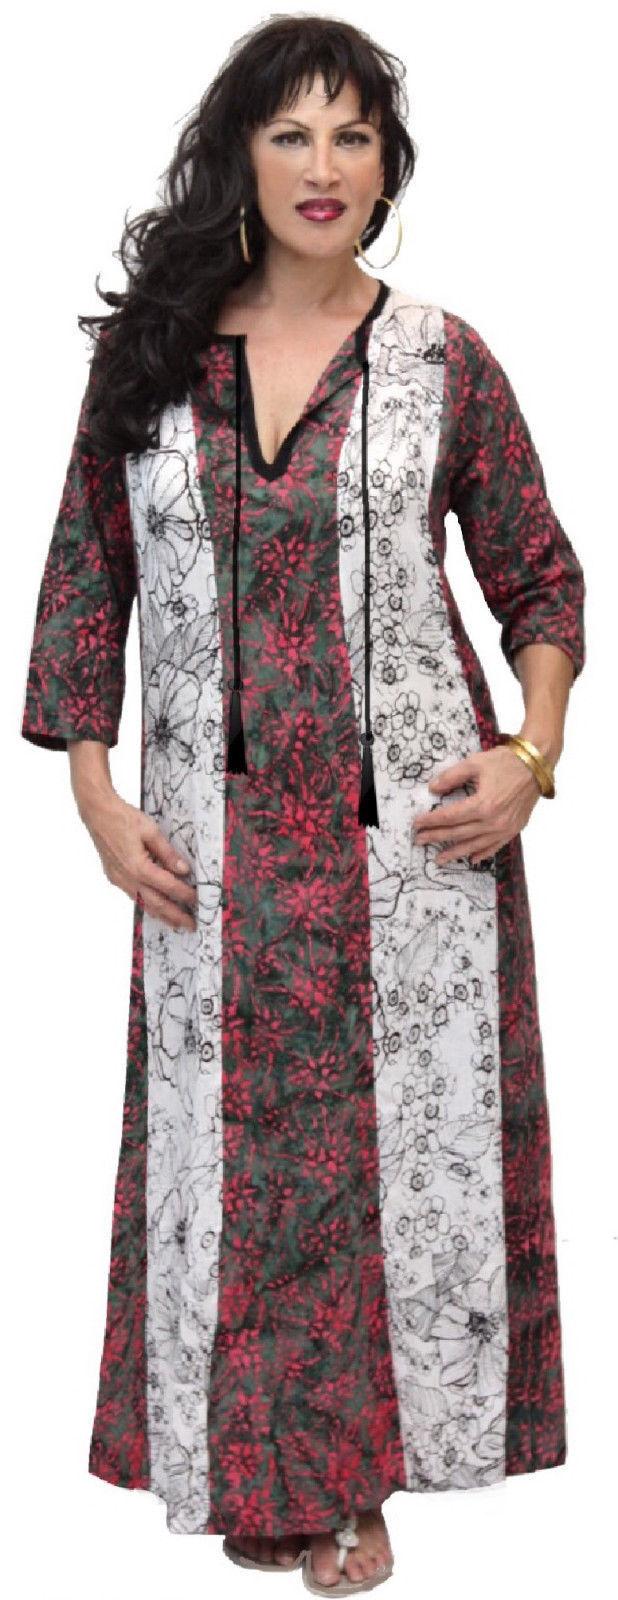 Grün Rosa Weiß caftan dress lounge tassel style OS M L XL 1X 2X